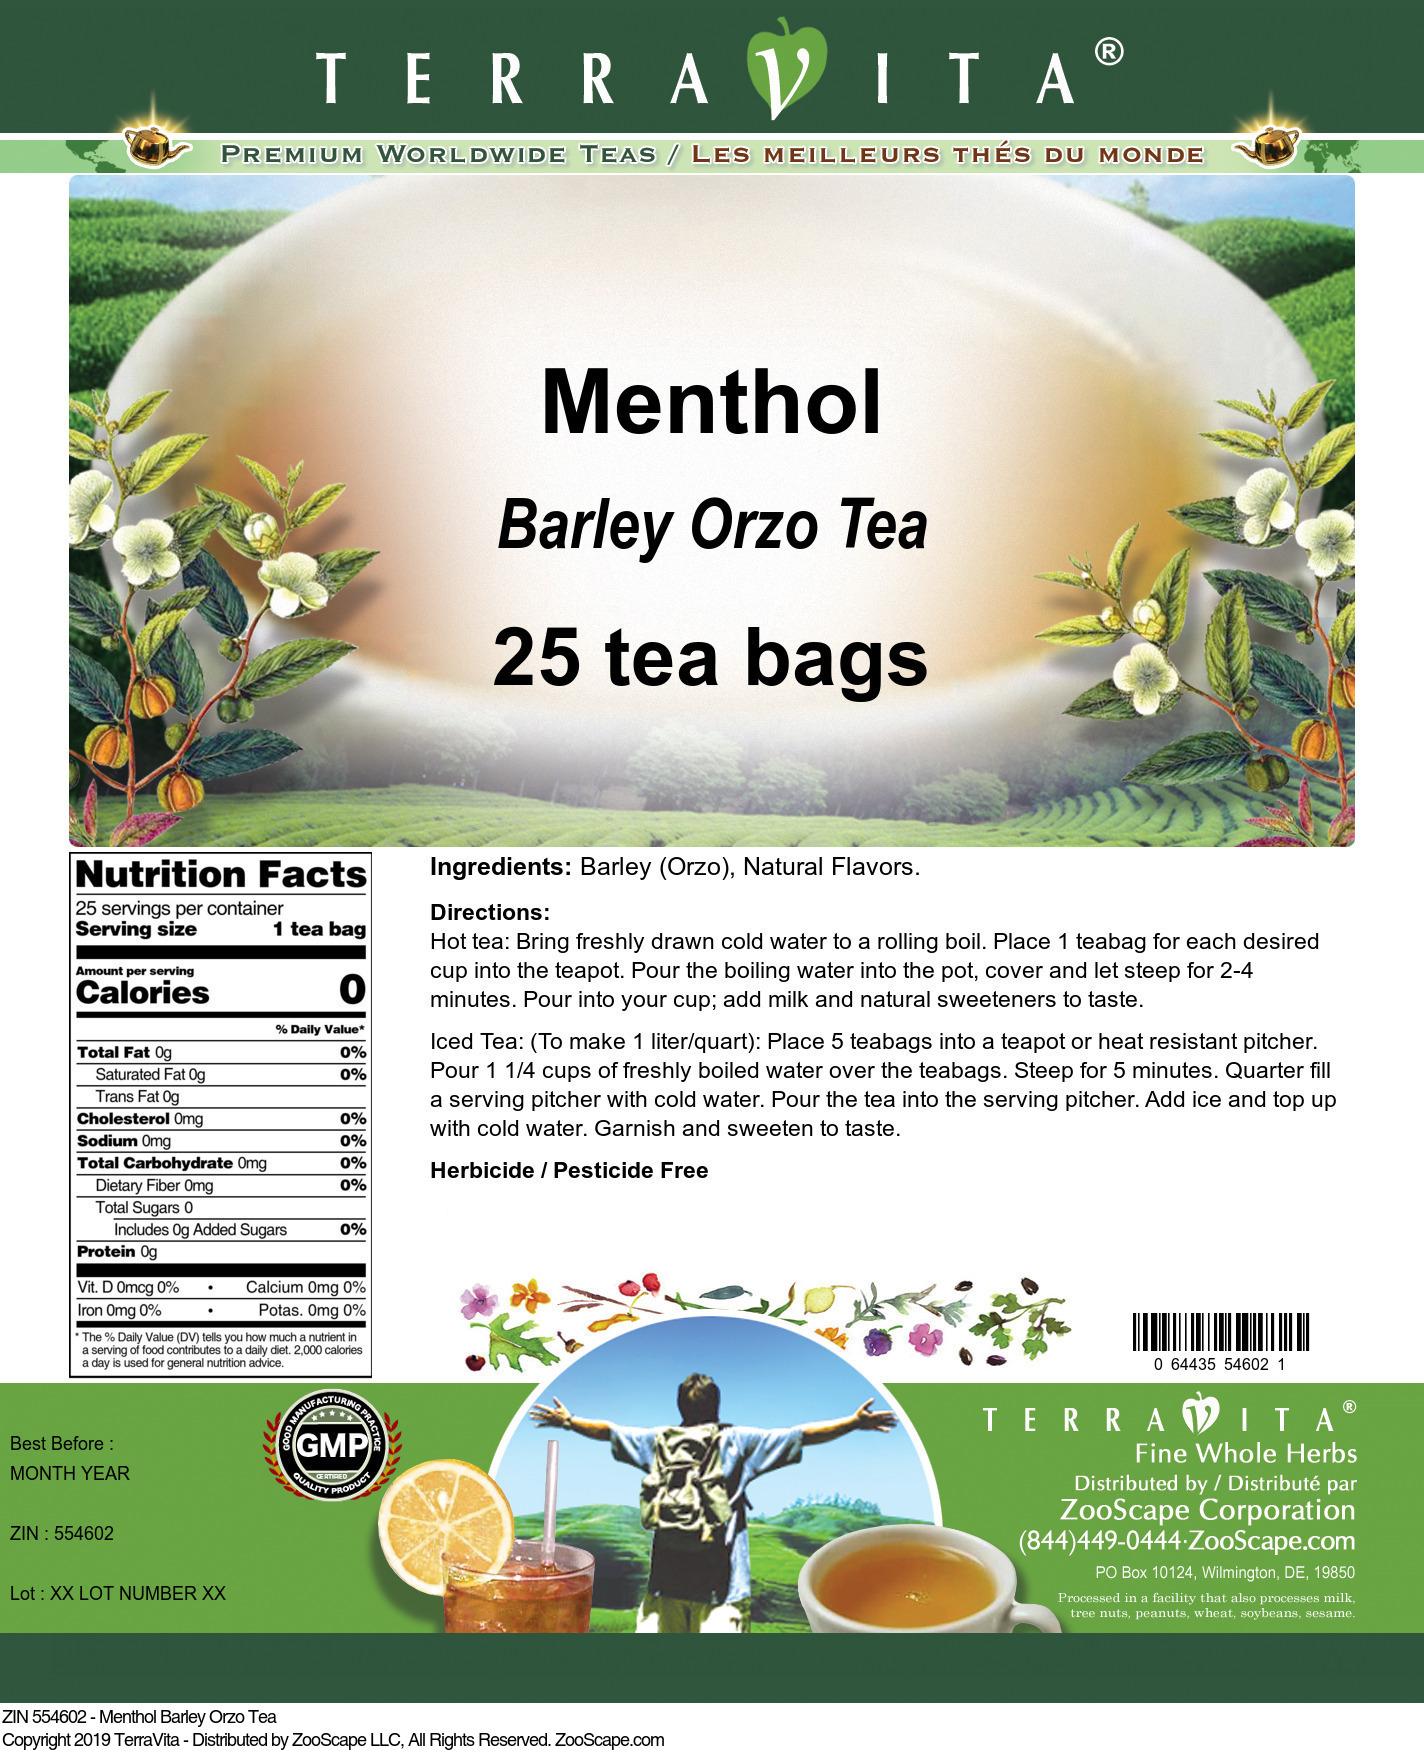 Menthol Barley Orzo Tea